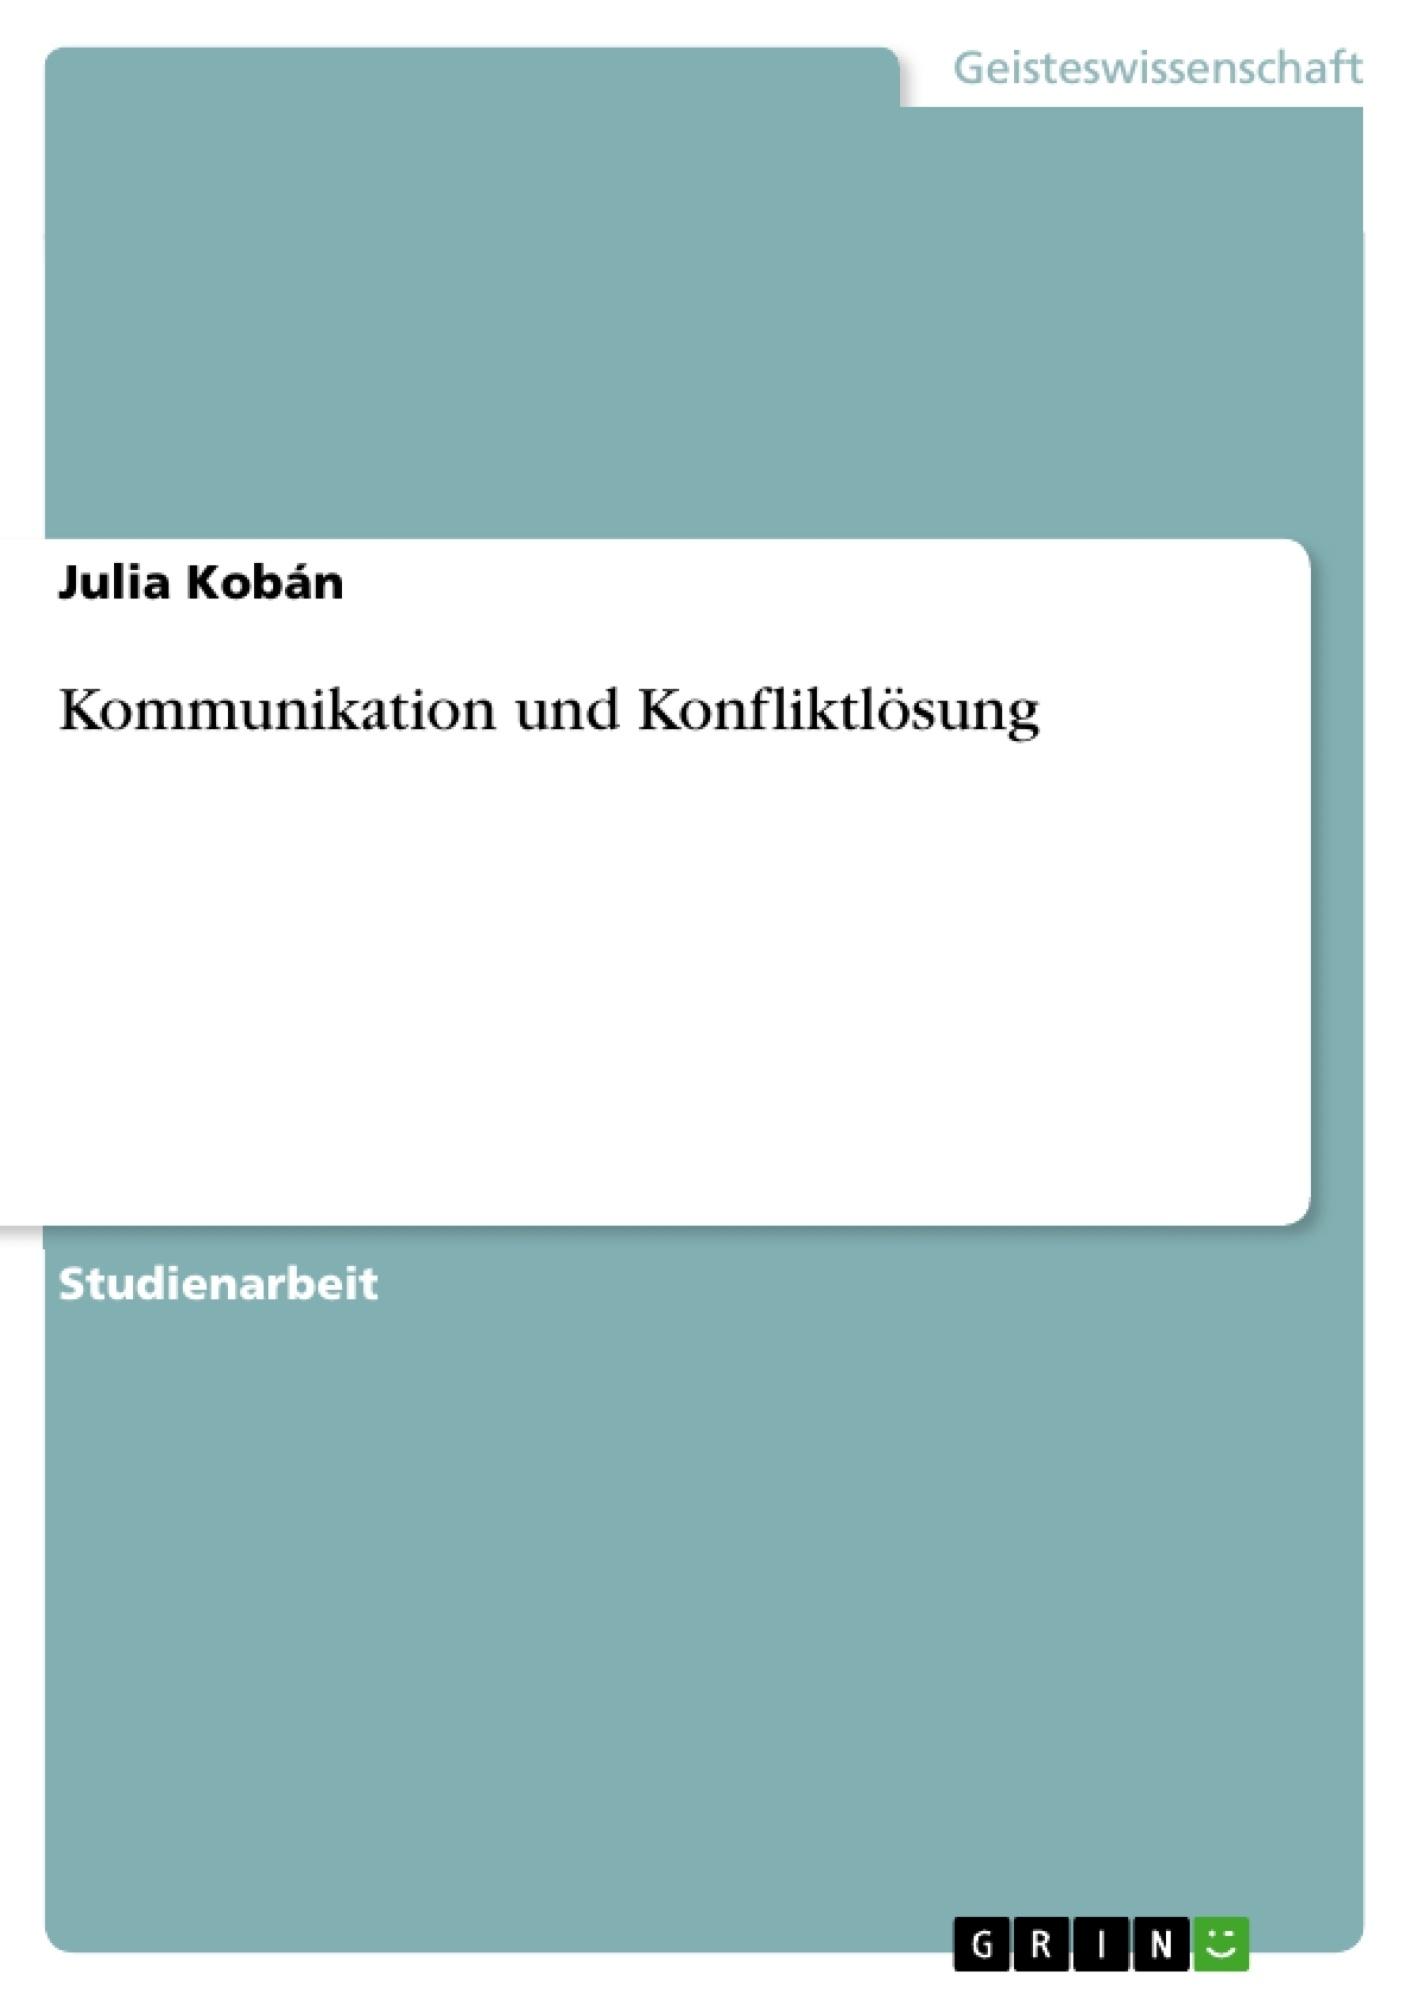 Titel: Kommunikation und Konfliktlösung